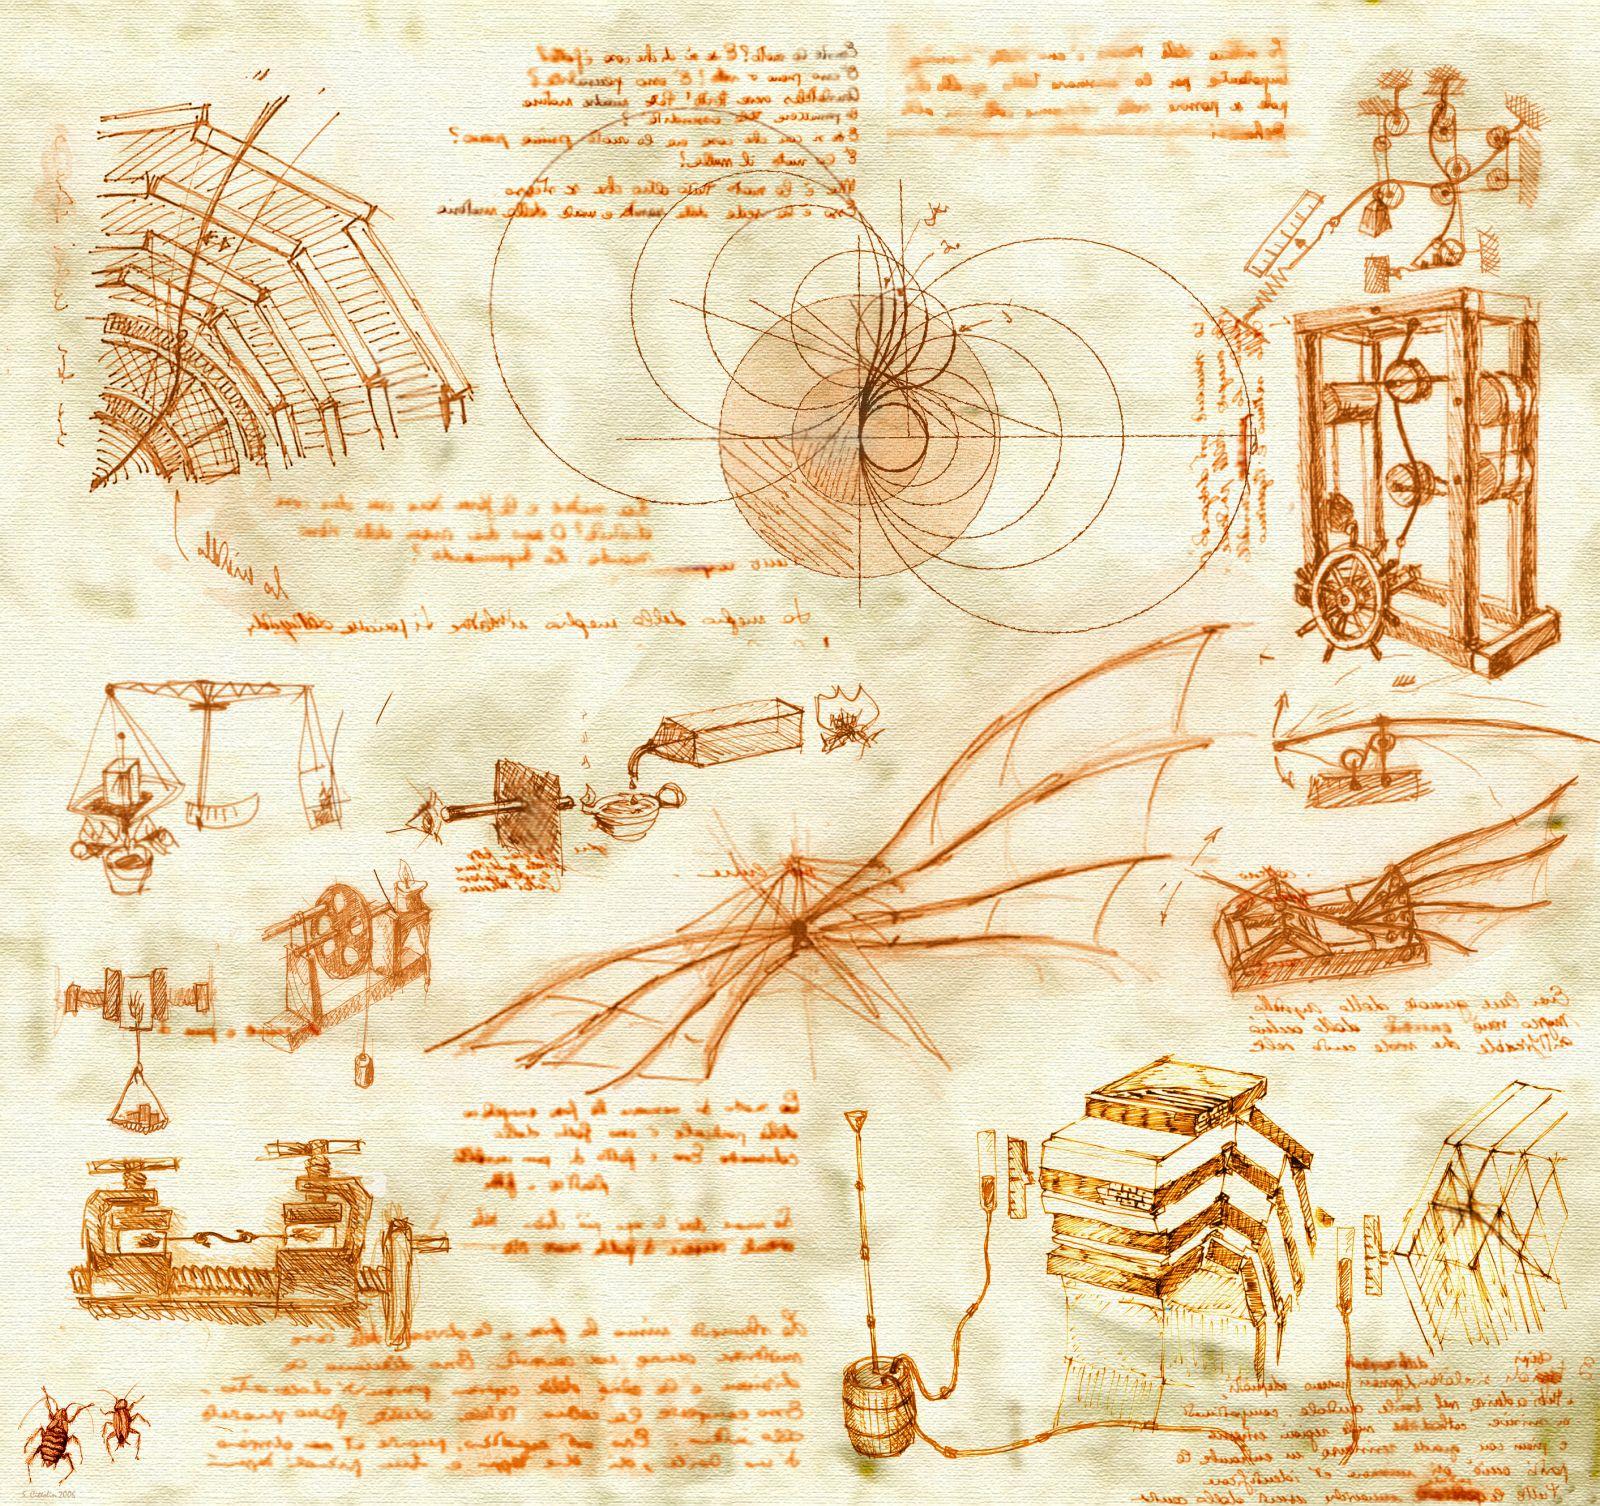 Da Vinci vynalezl mnoho objevů, nad kterými i dnes zůstává rozum stát.